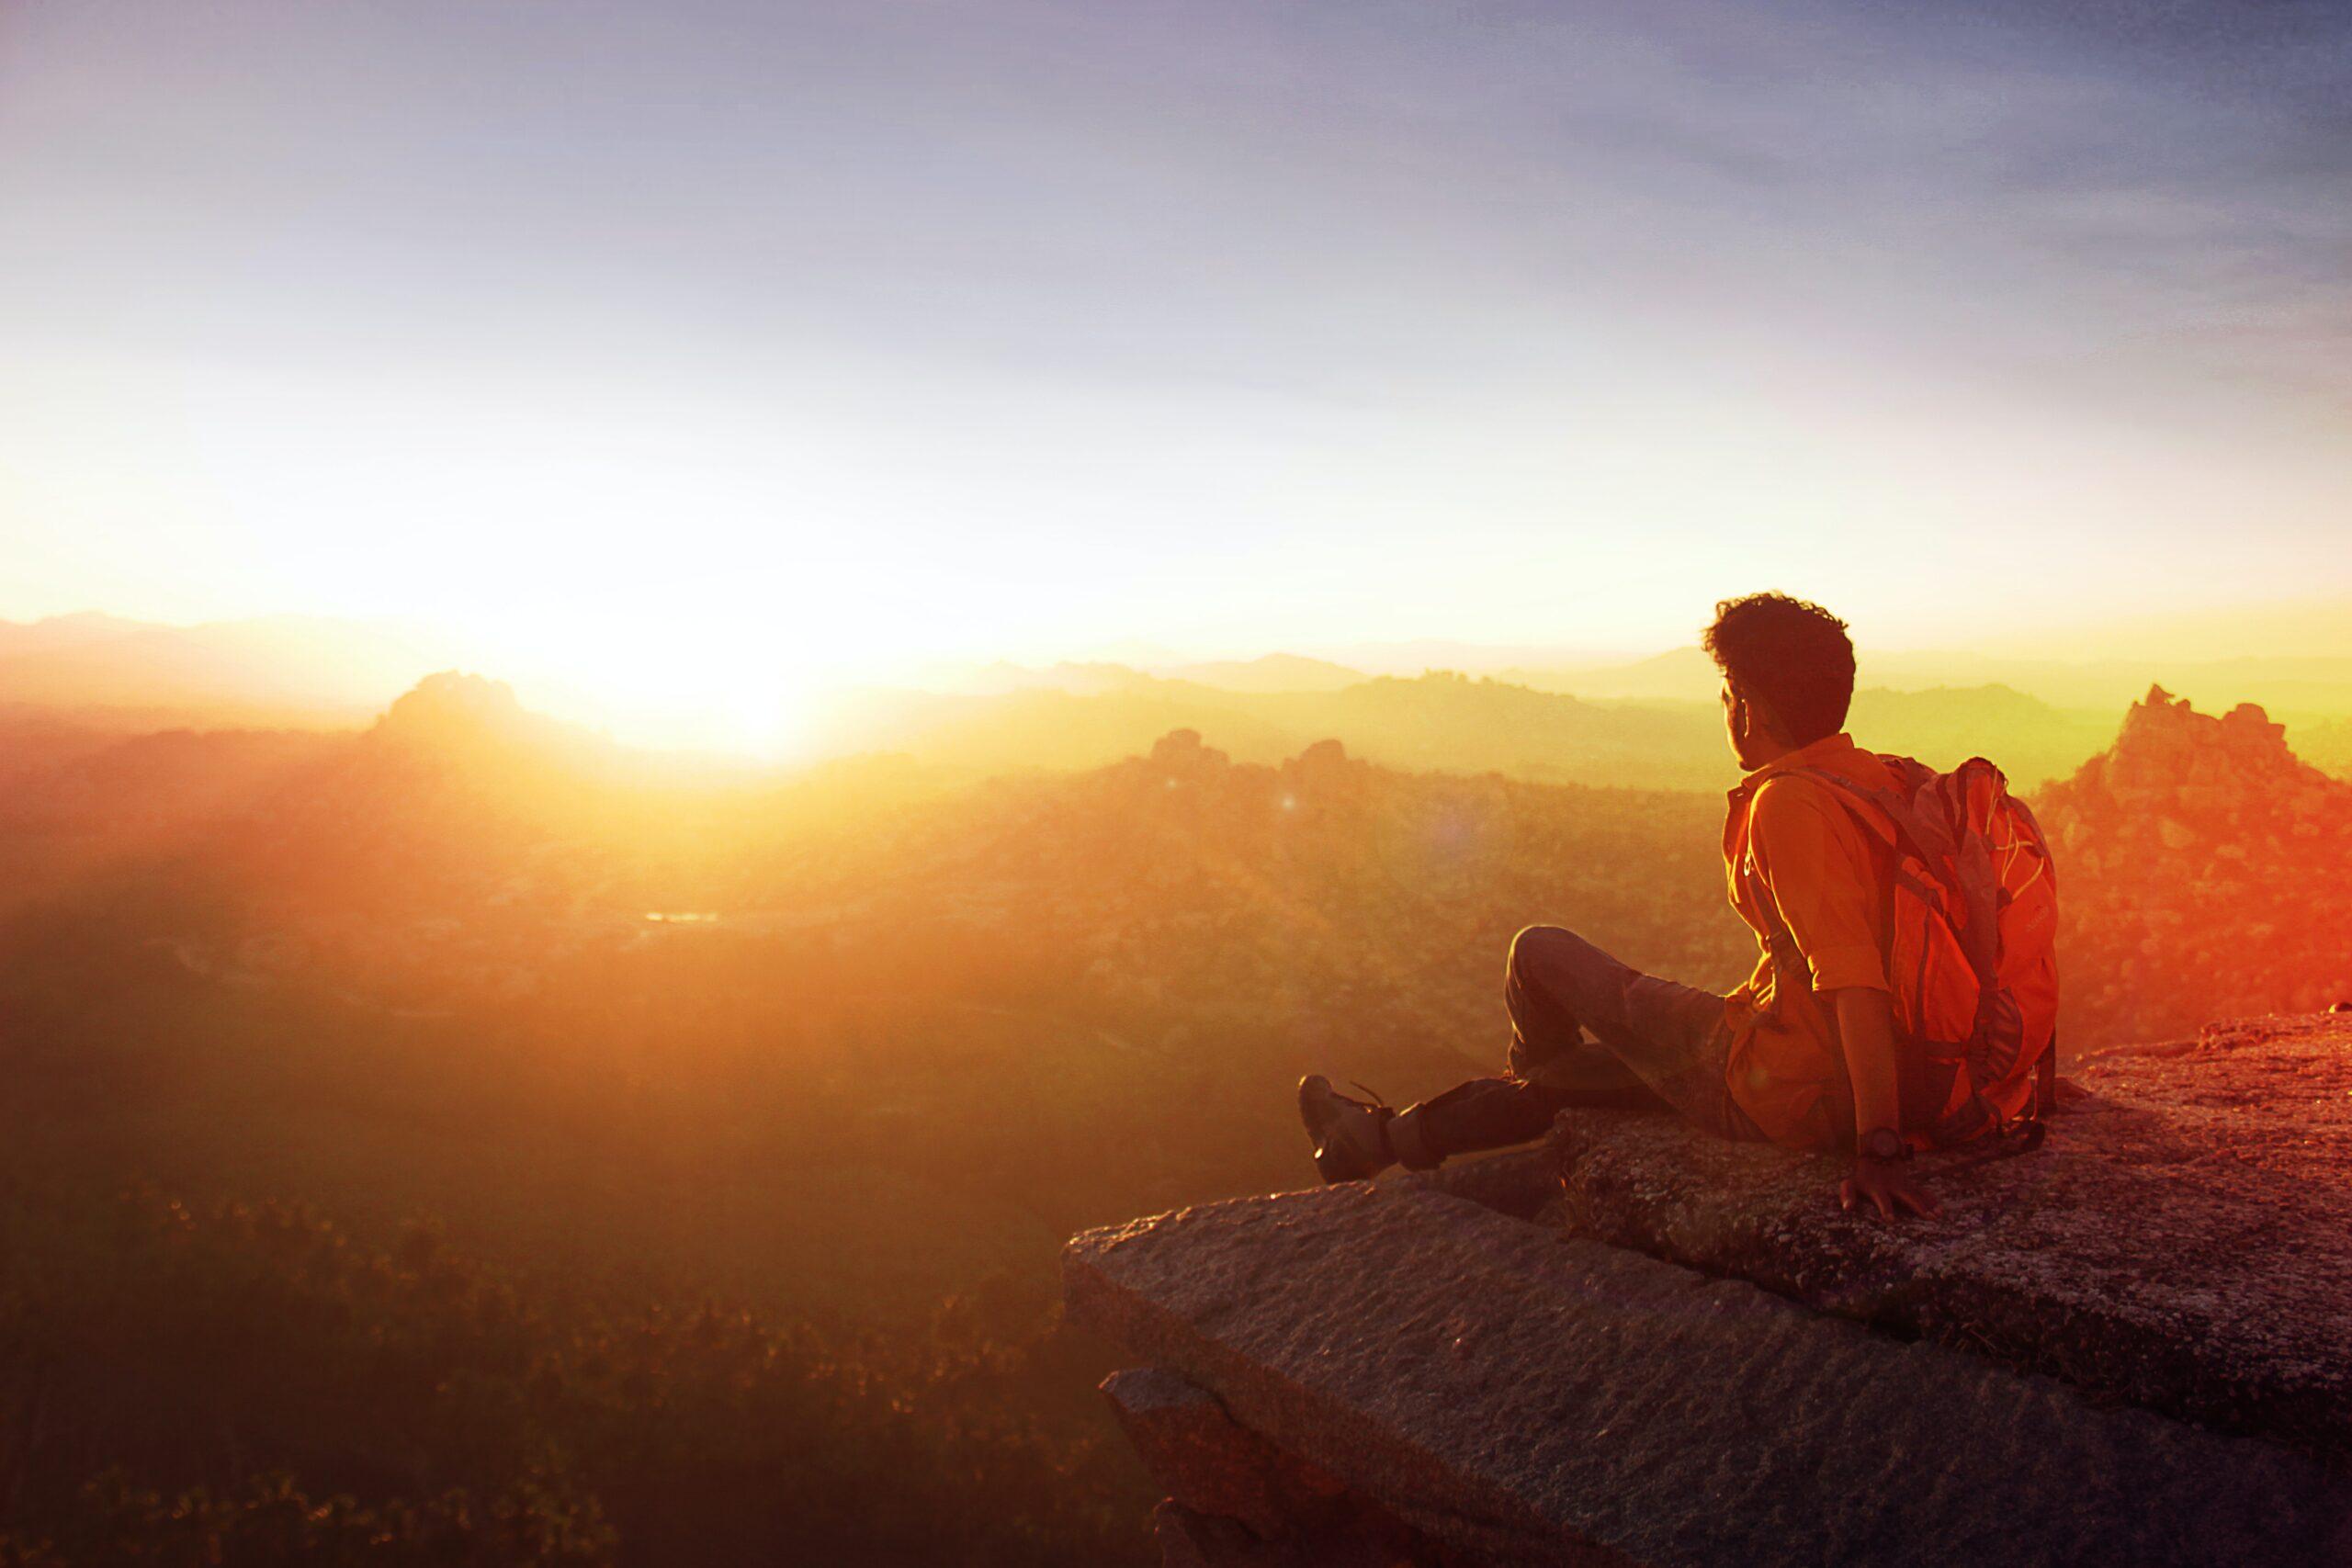 Homme assis sur une pierre qui regarde le soleil au loin à l'horizon